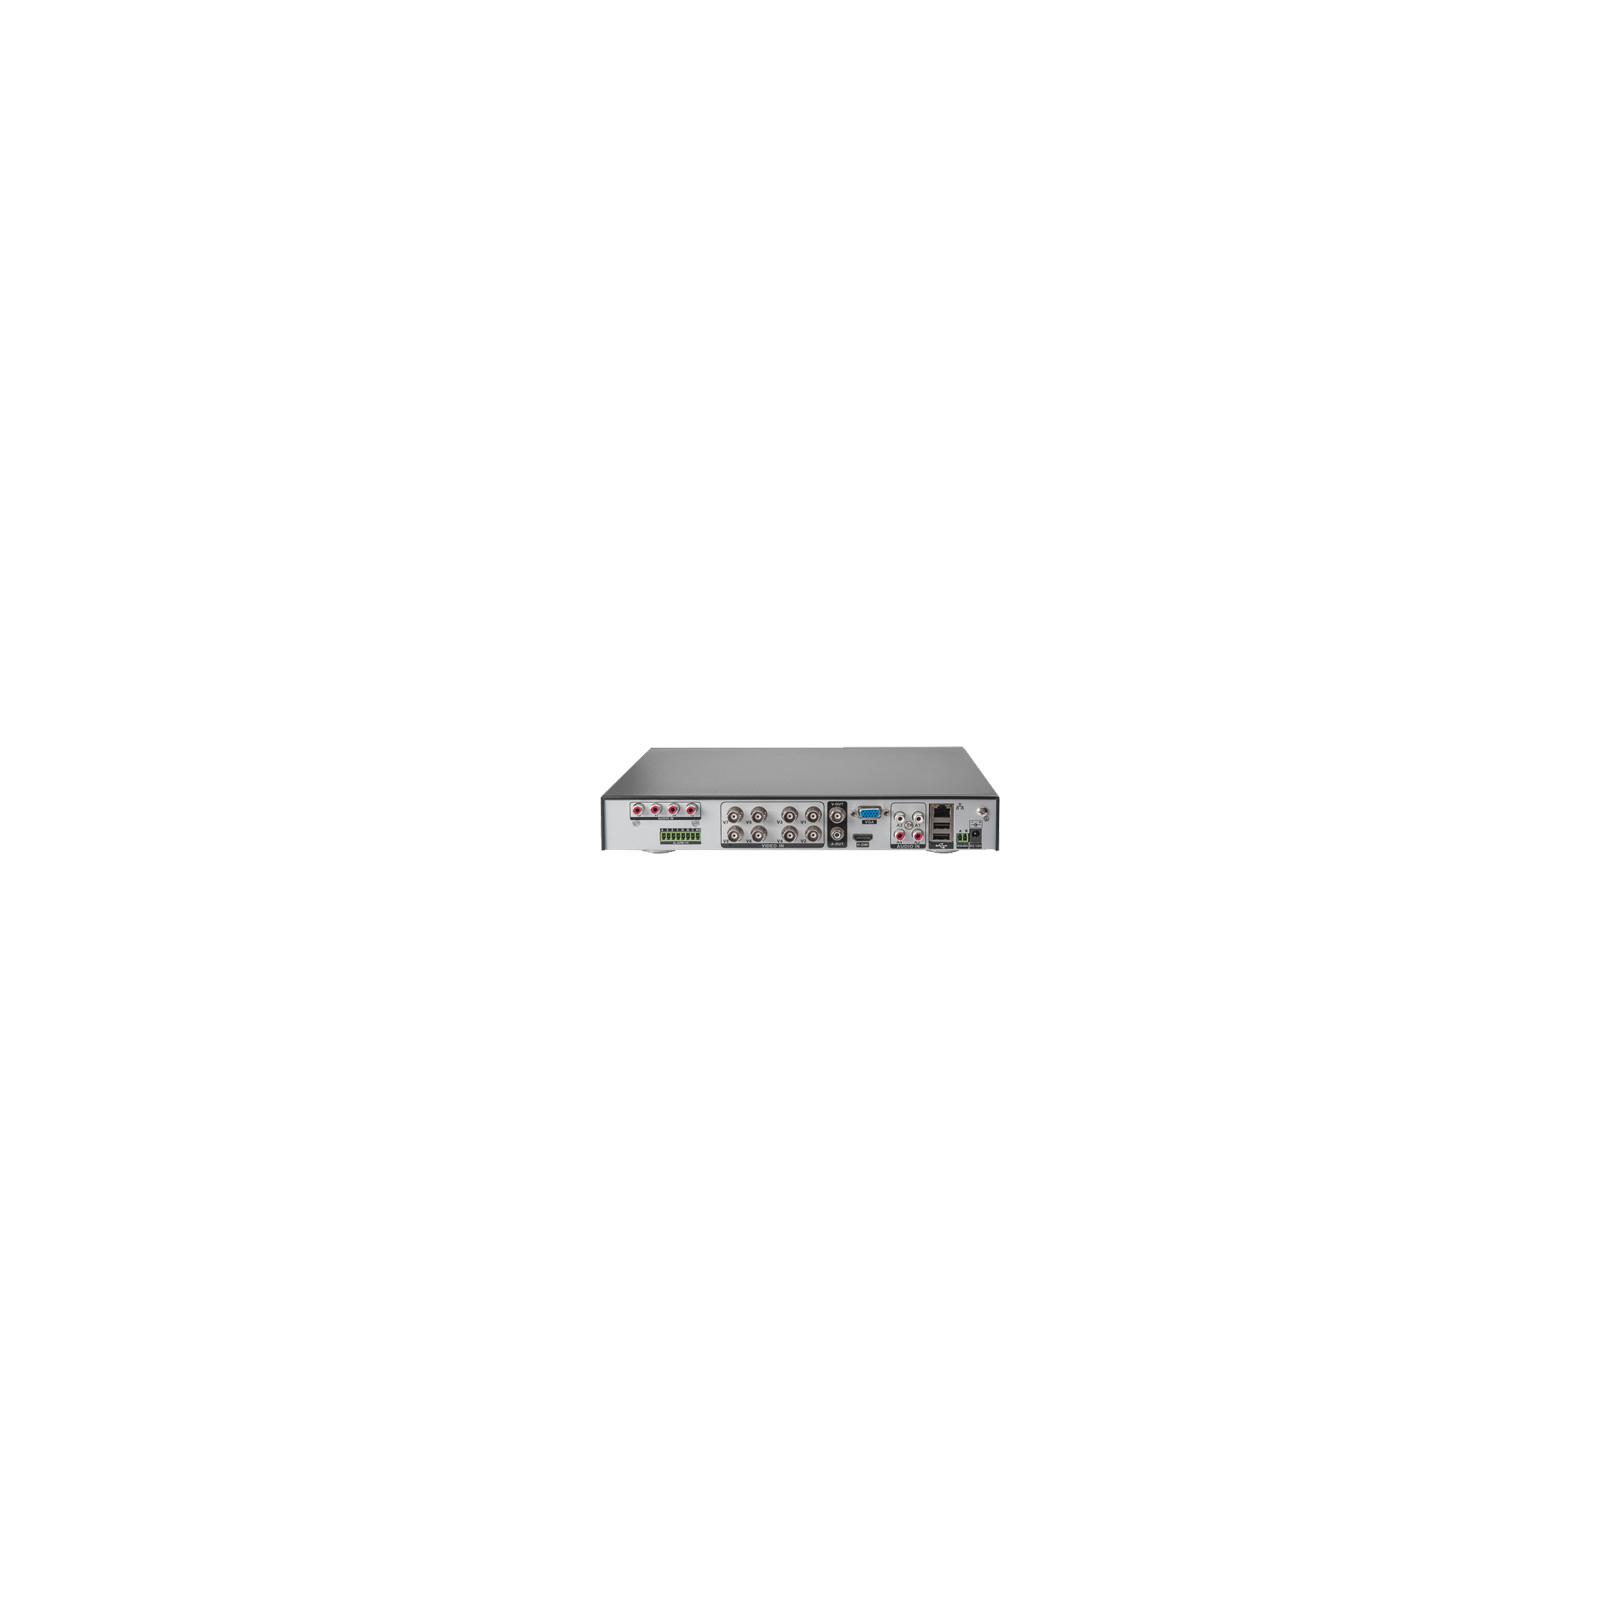 Регистратор для видеонаблюдения Tecsar M88-2D2P-H изображение 2